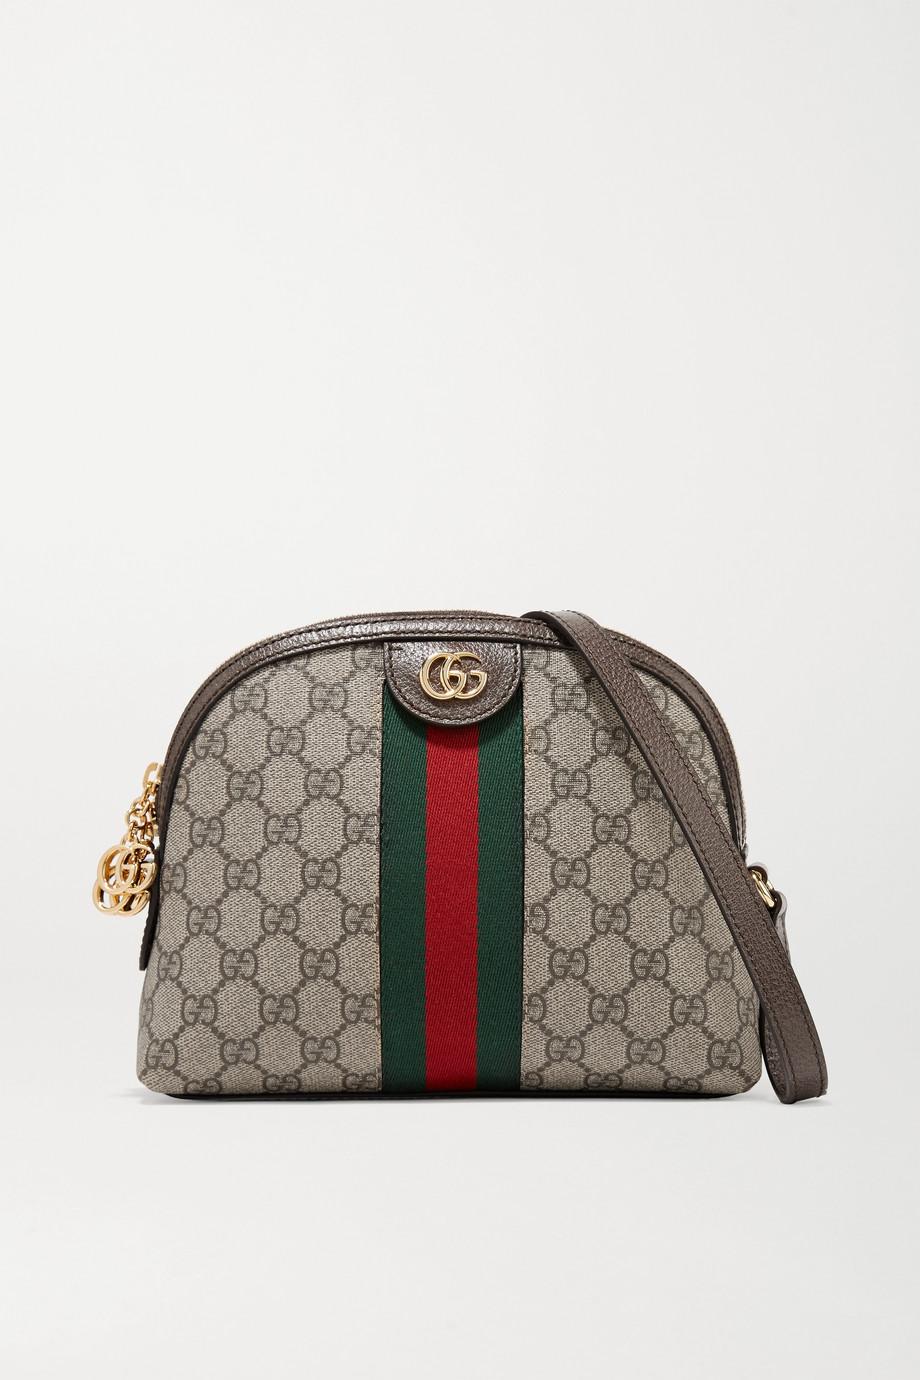 Gucci Sac porté épaule en toile enduite imprimée et en cuir texturé Ophidia